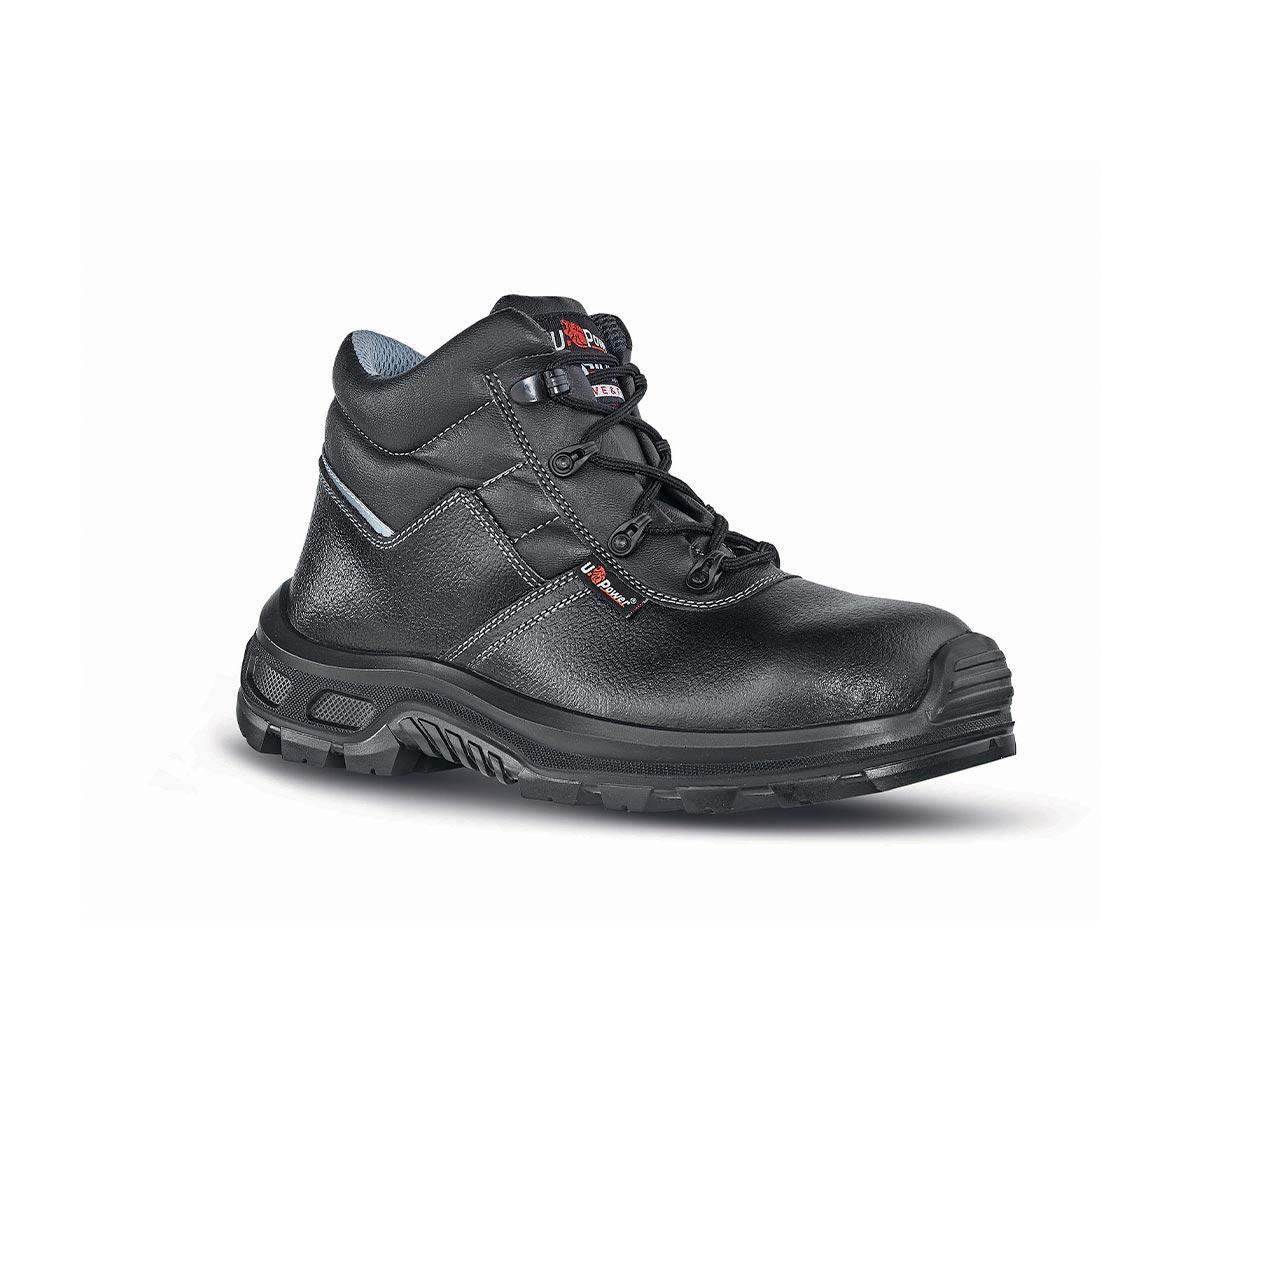 scarpa antinfortunistica upower modello jena linea rock_roll vista laterale